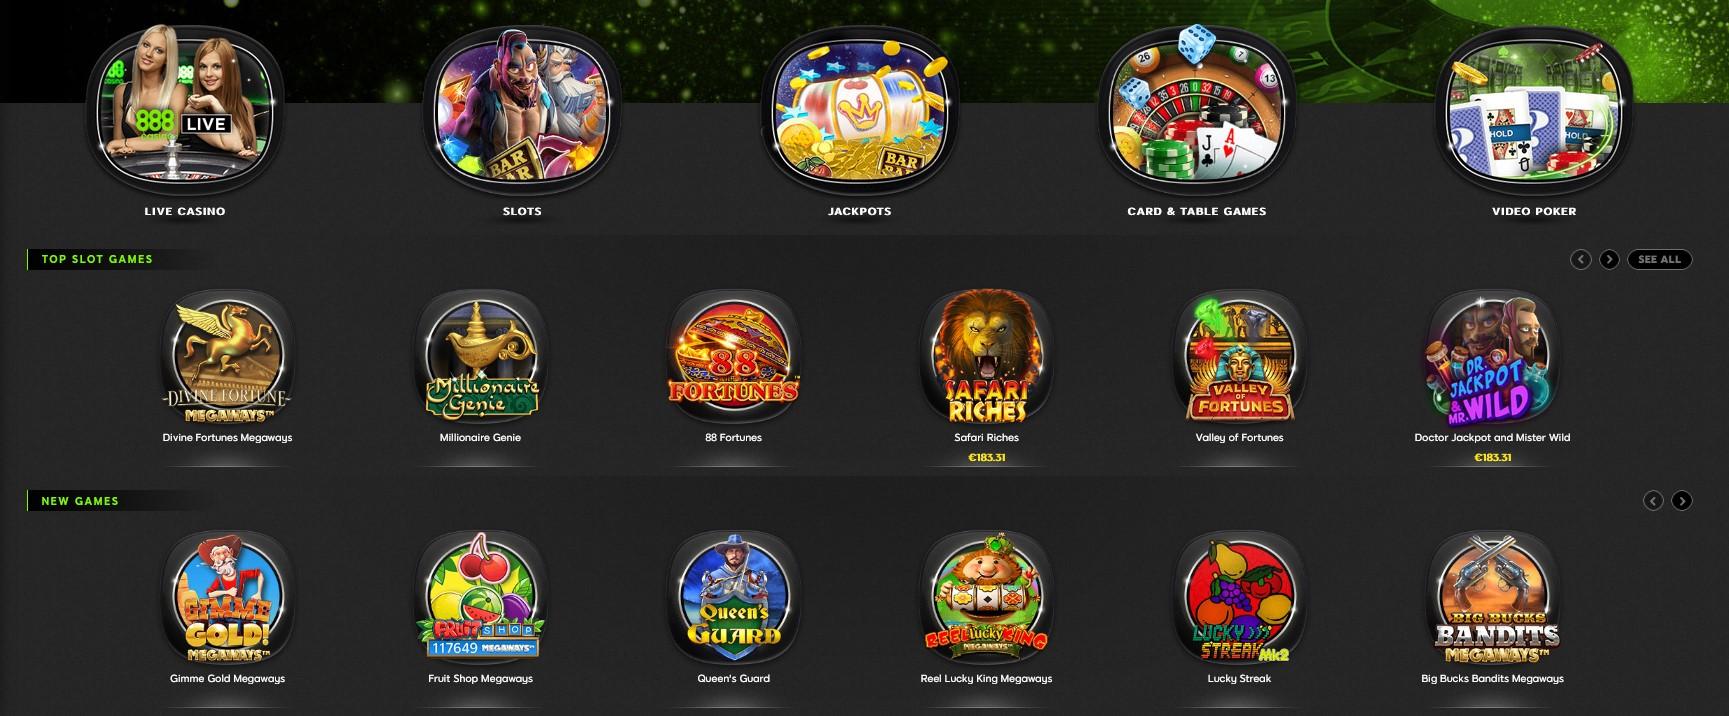 Games in 888casino | World Casino Expert